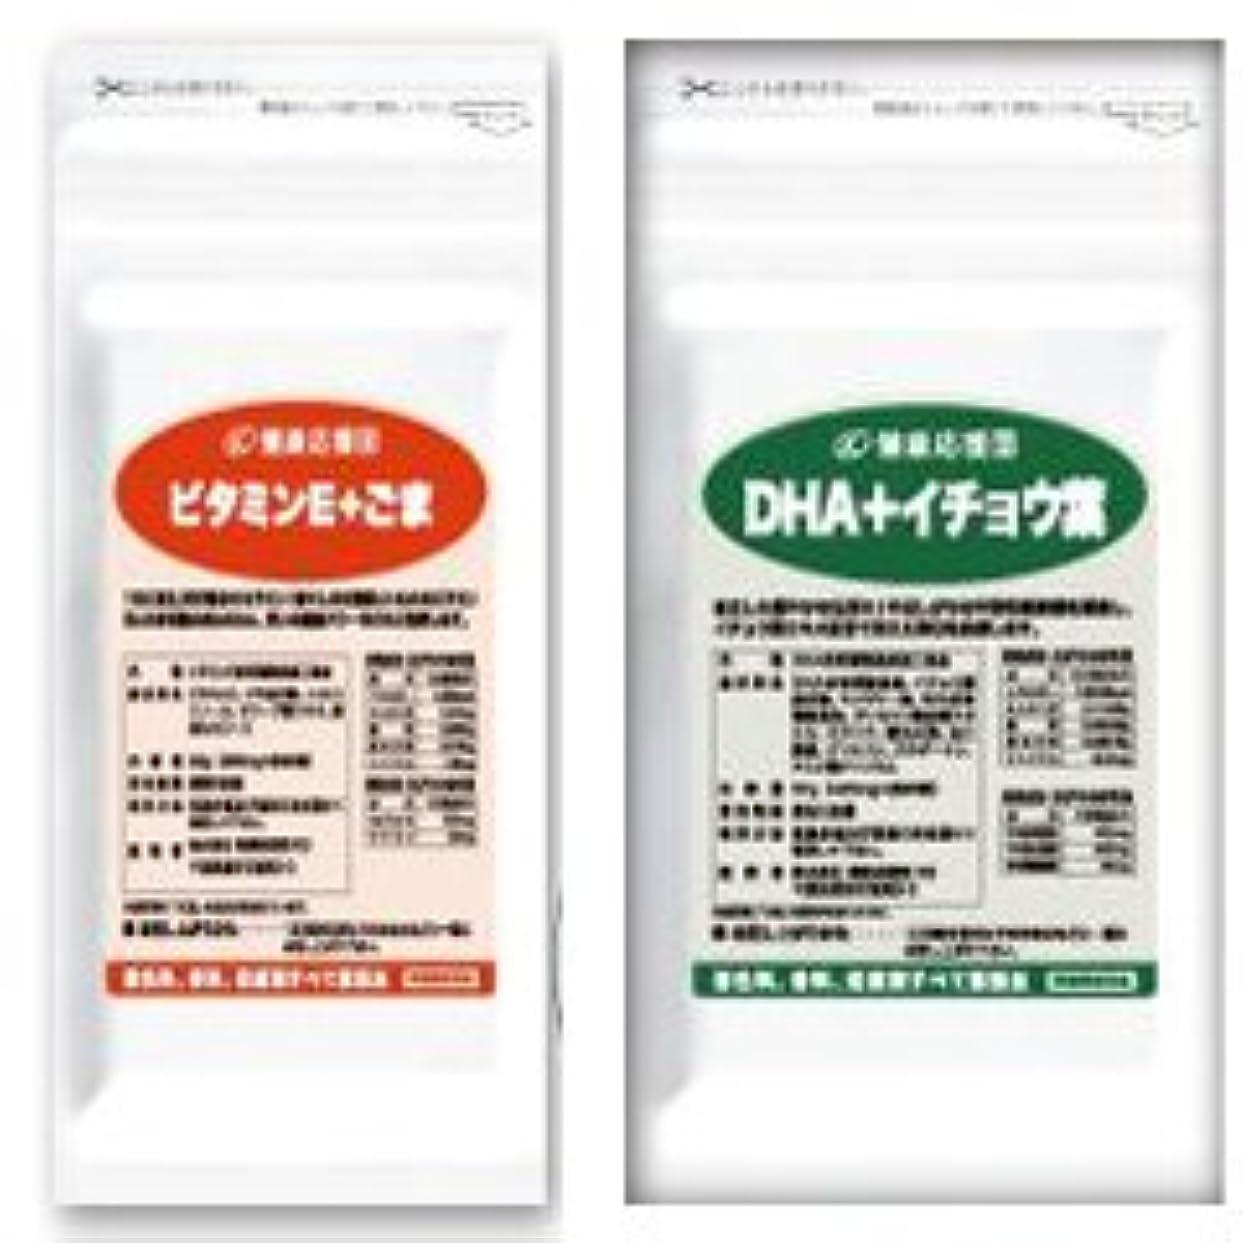 方程式溶融深さ(お徳用12か月分) 毎日元気セット(ビタミンE+ごま)+(DHA+イチョウ葉エキス) 12袋&12袋セット(DHA?EPA?ビタミンE?セサミン)